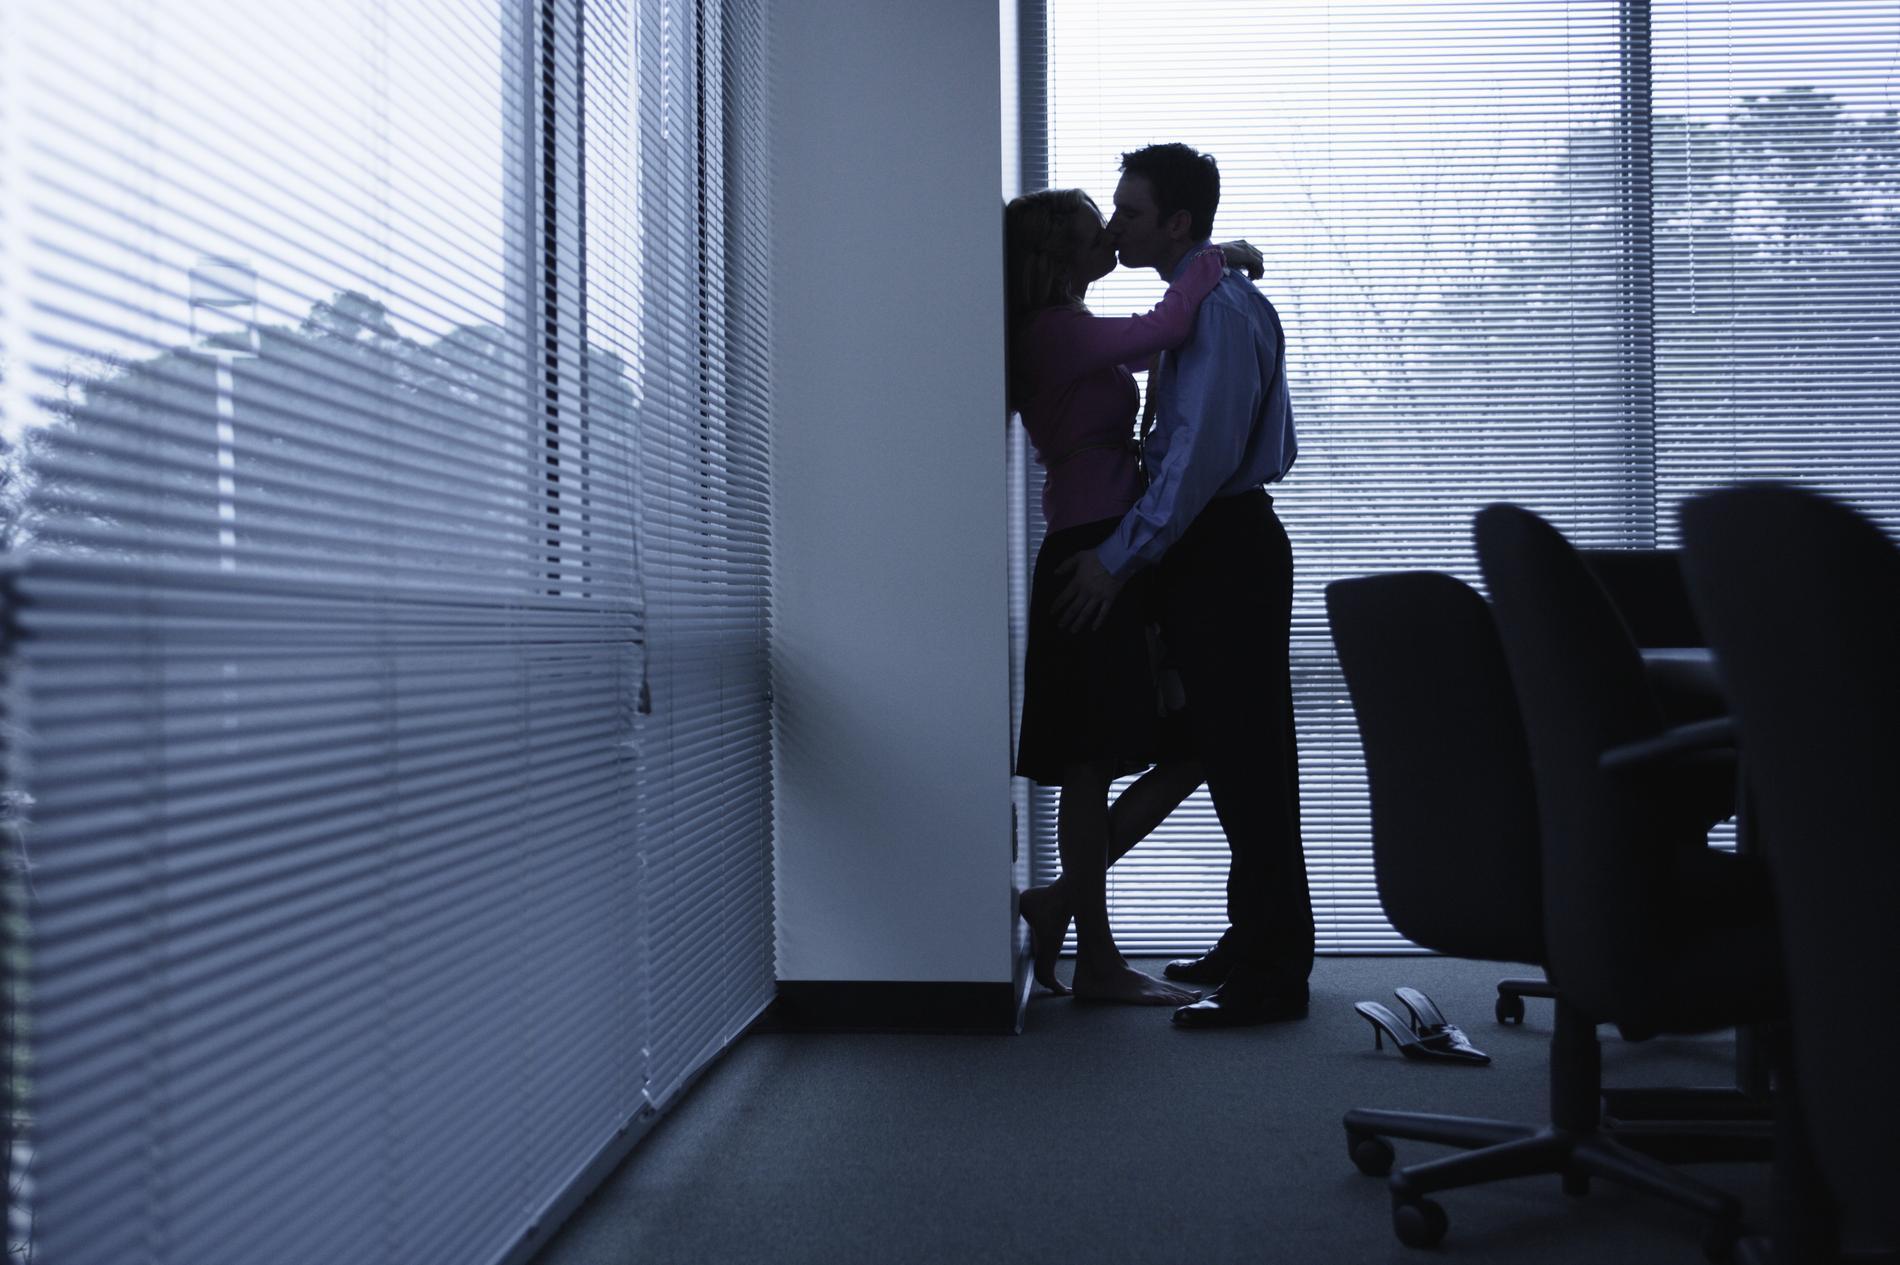 Femme fait l amour dans son bureau [PUNIQRANDLINE-(au-dating-names.txt) 52